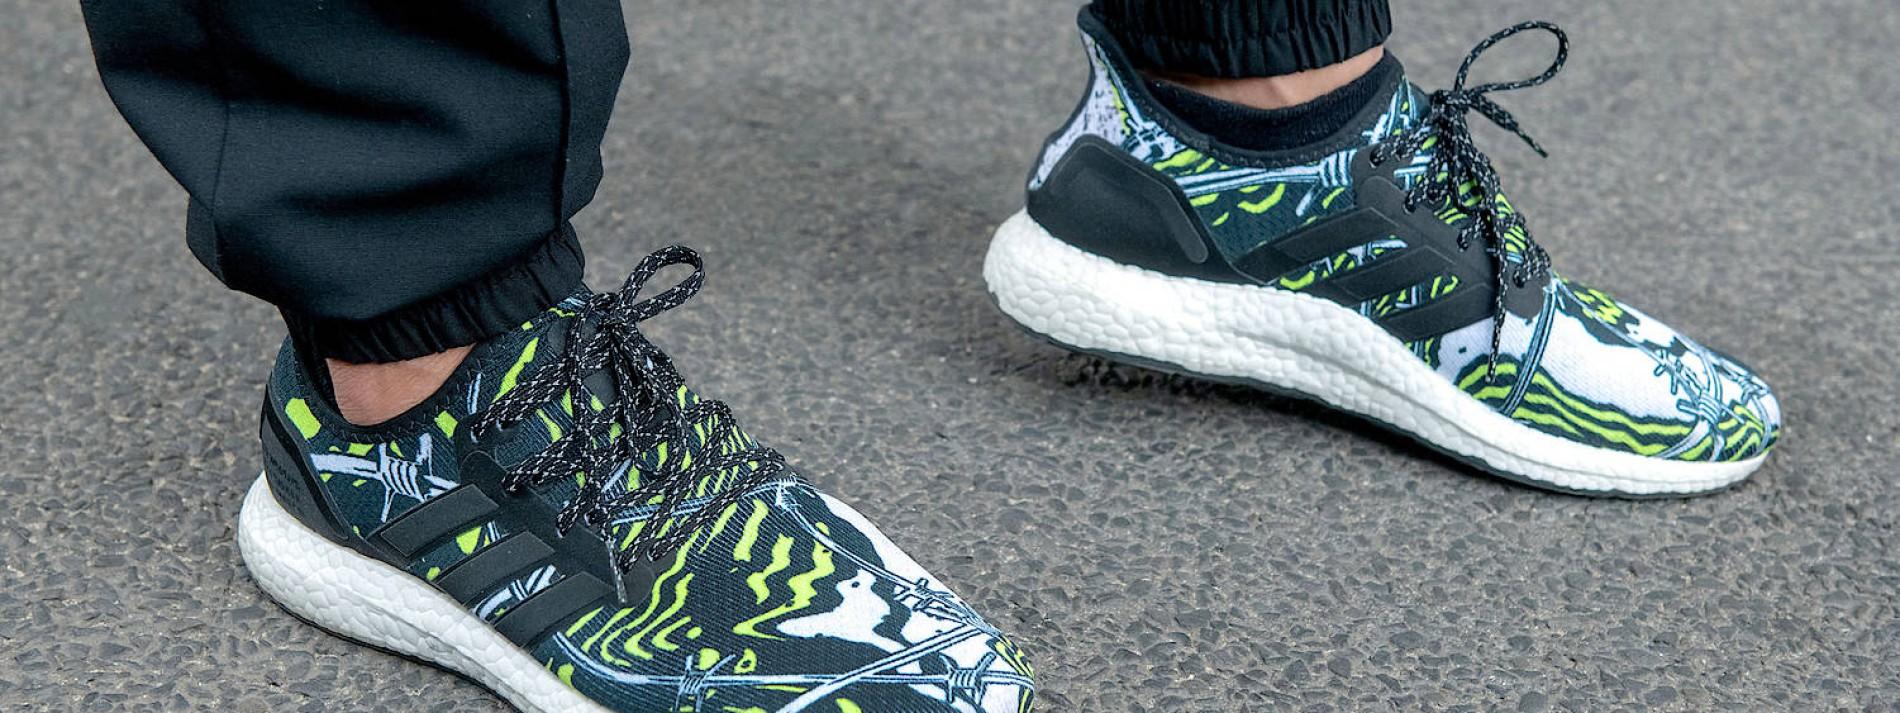 Sneaker Designer Inan Batman: Schaut auf diesen Schuh